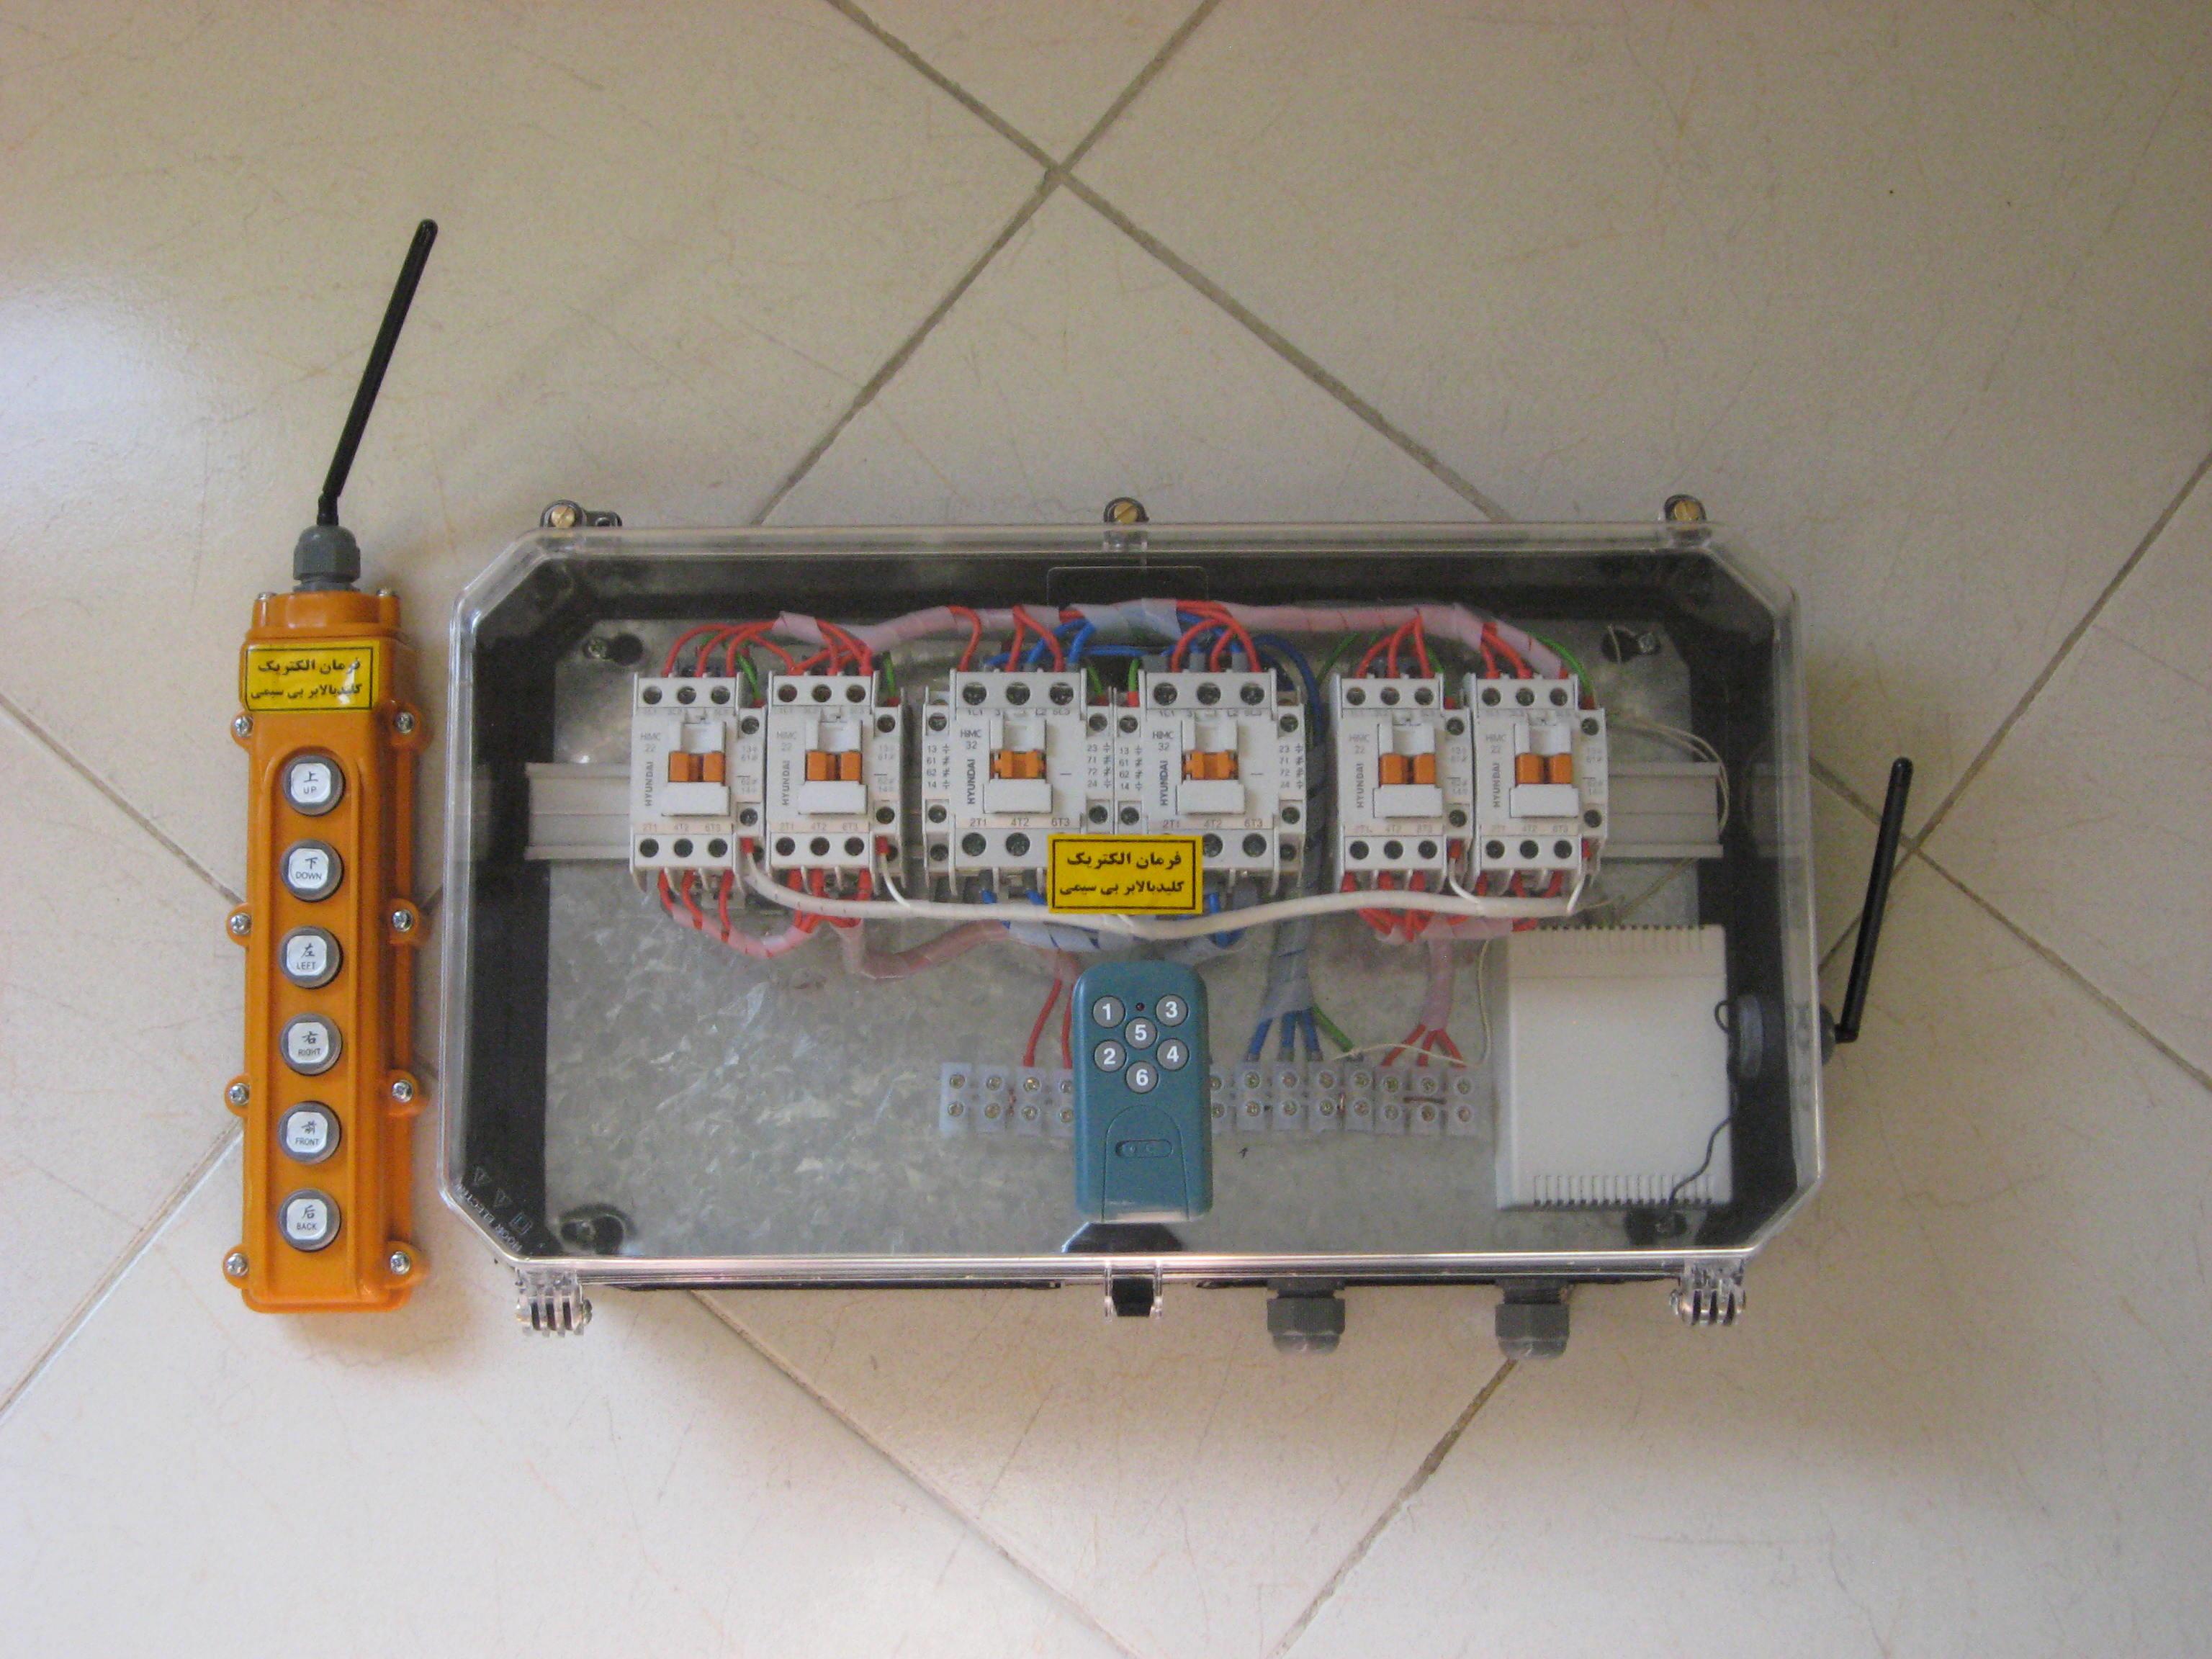 تابلو کنترل بی سیمی جرثقیل های سقفی چهار حالته و شش حالته